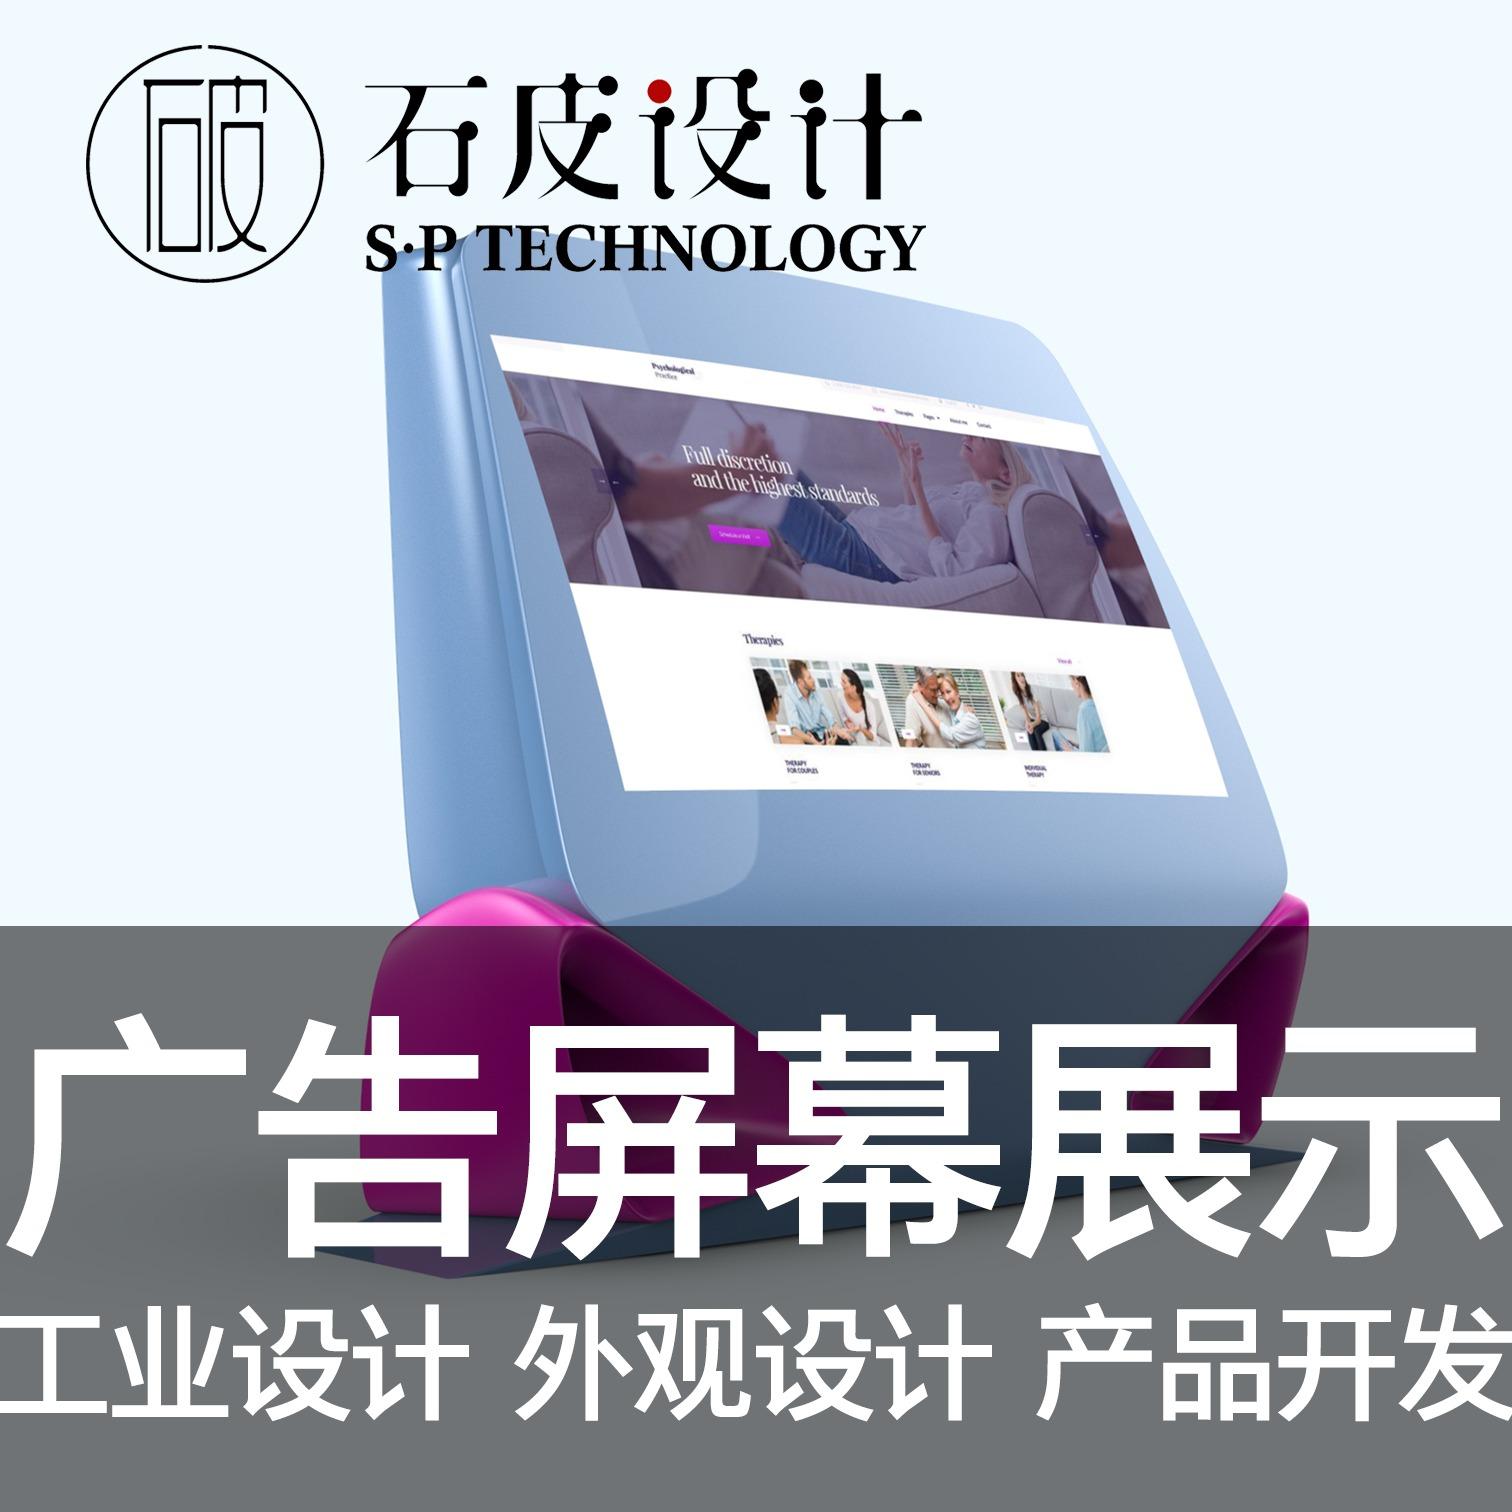 广告屏幕展示终端外观设计工业设计结构开发产品设计造型配色设计